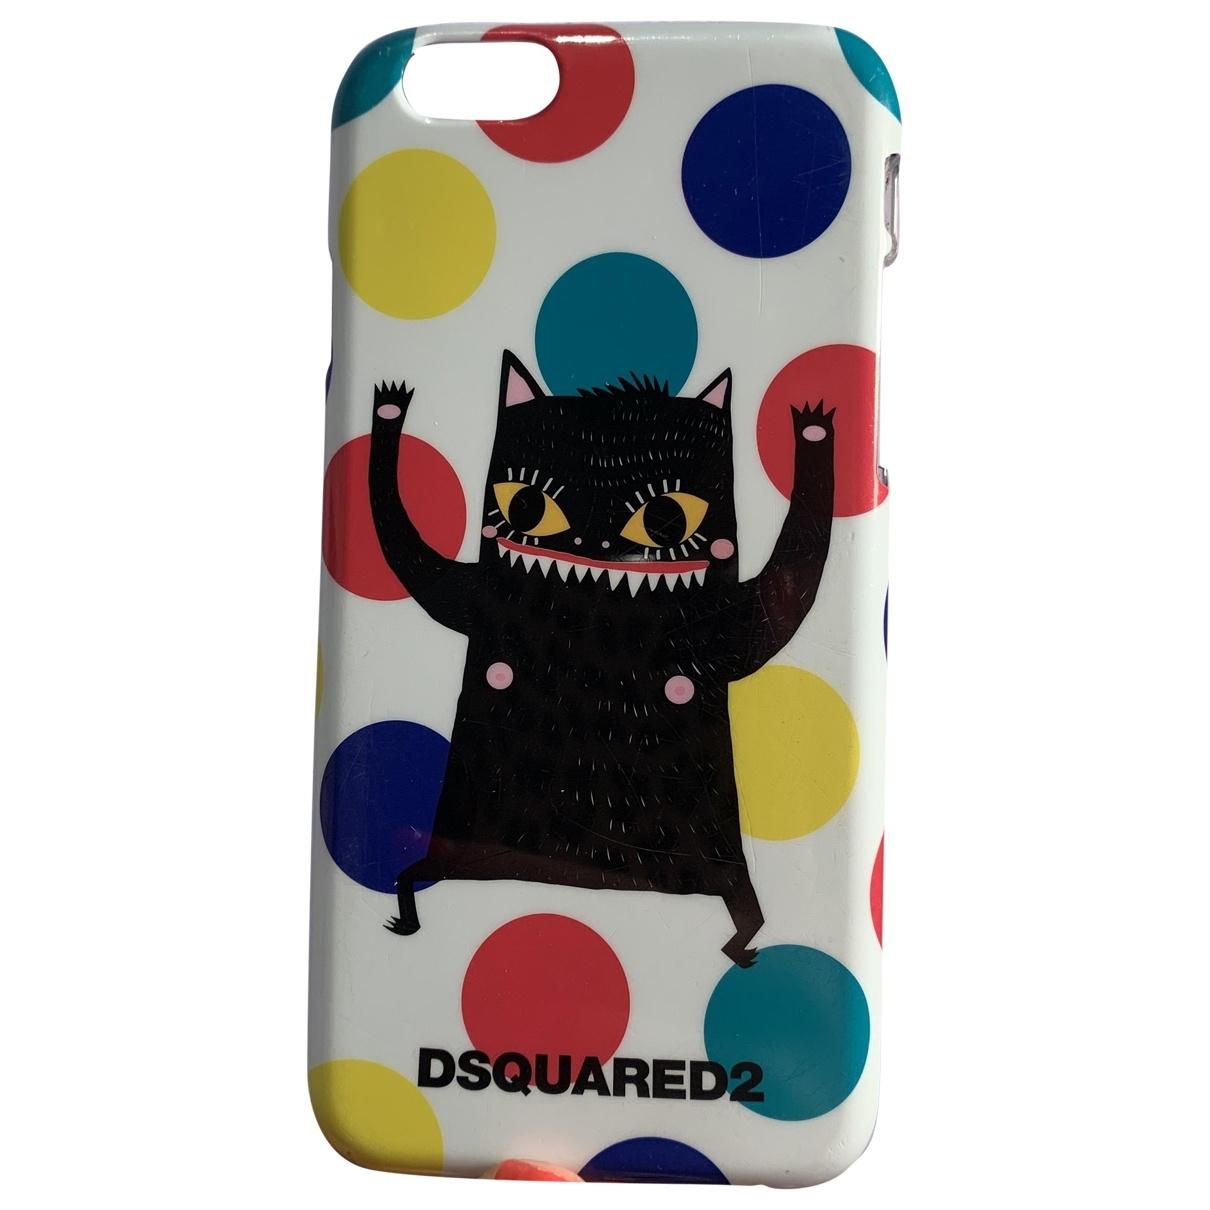 Funda iphone Dsquared2